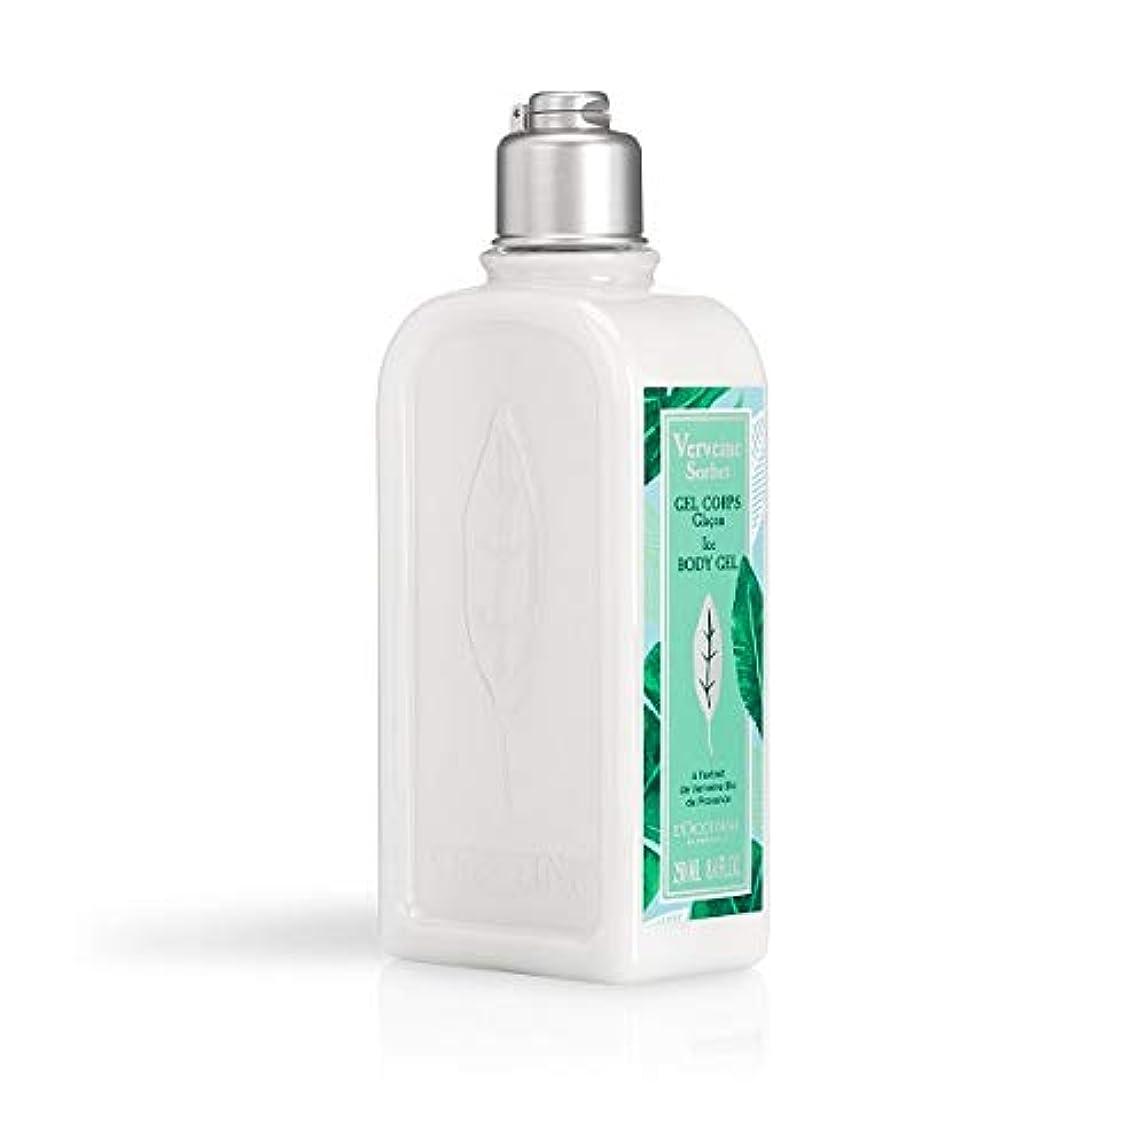 ロクシタン(L'OCCITANE) ミントウ゛ァーベナ ソルベボディジェル 250ml(ボディ用乳液)